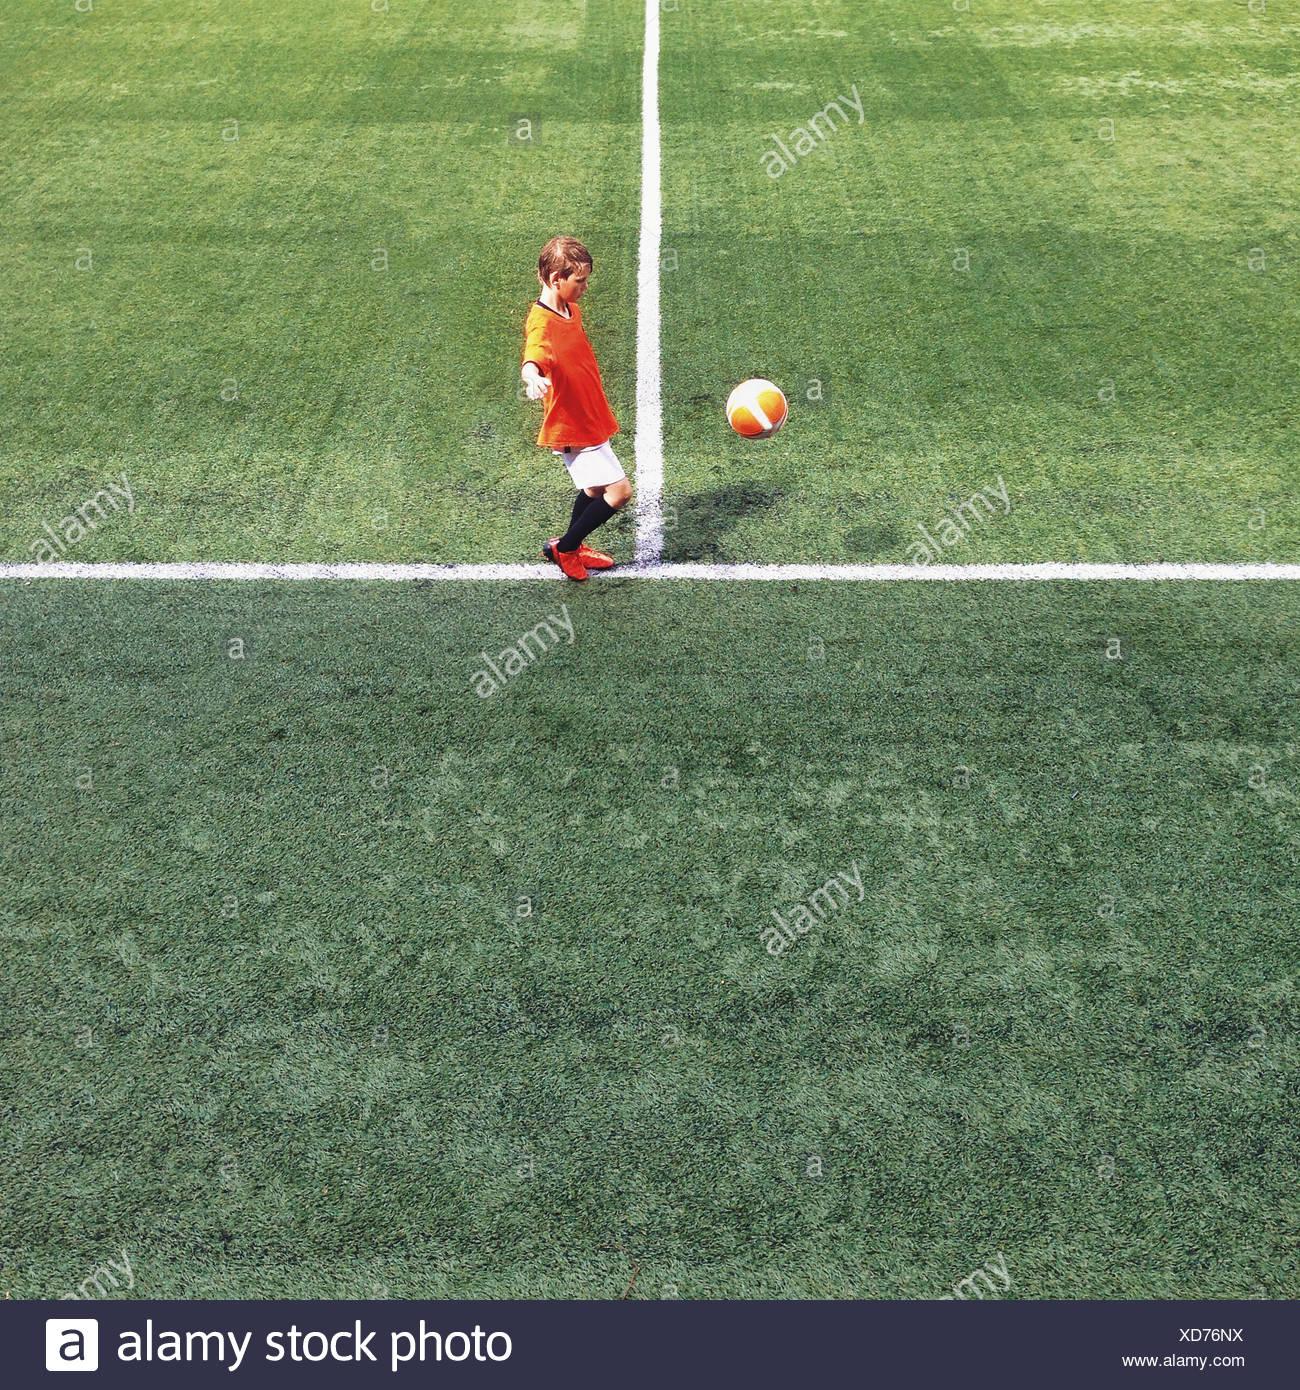 Vista laterale di un ragazzo su un campo di calcio Immagini Stock